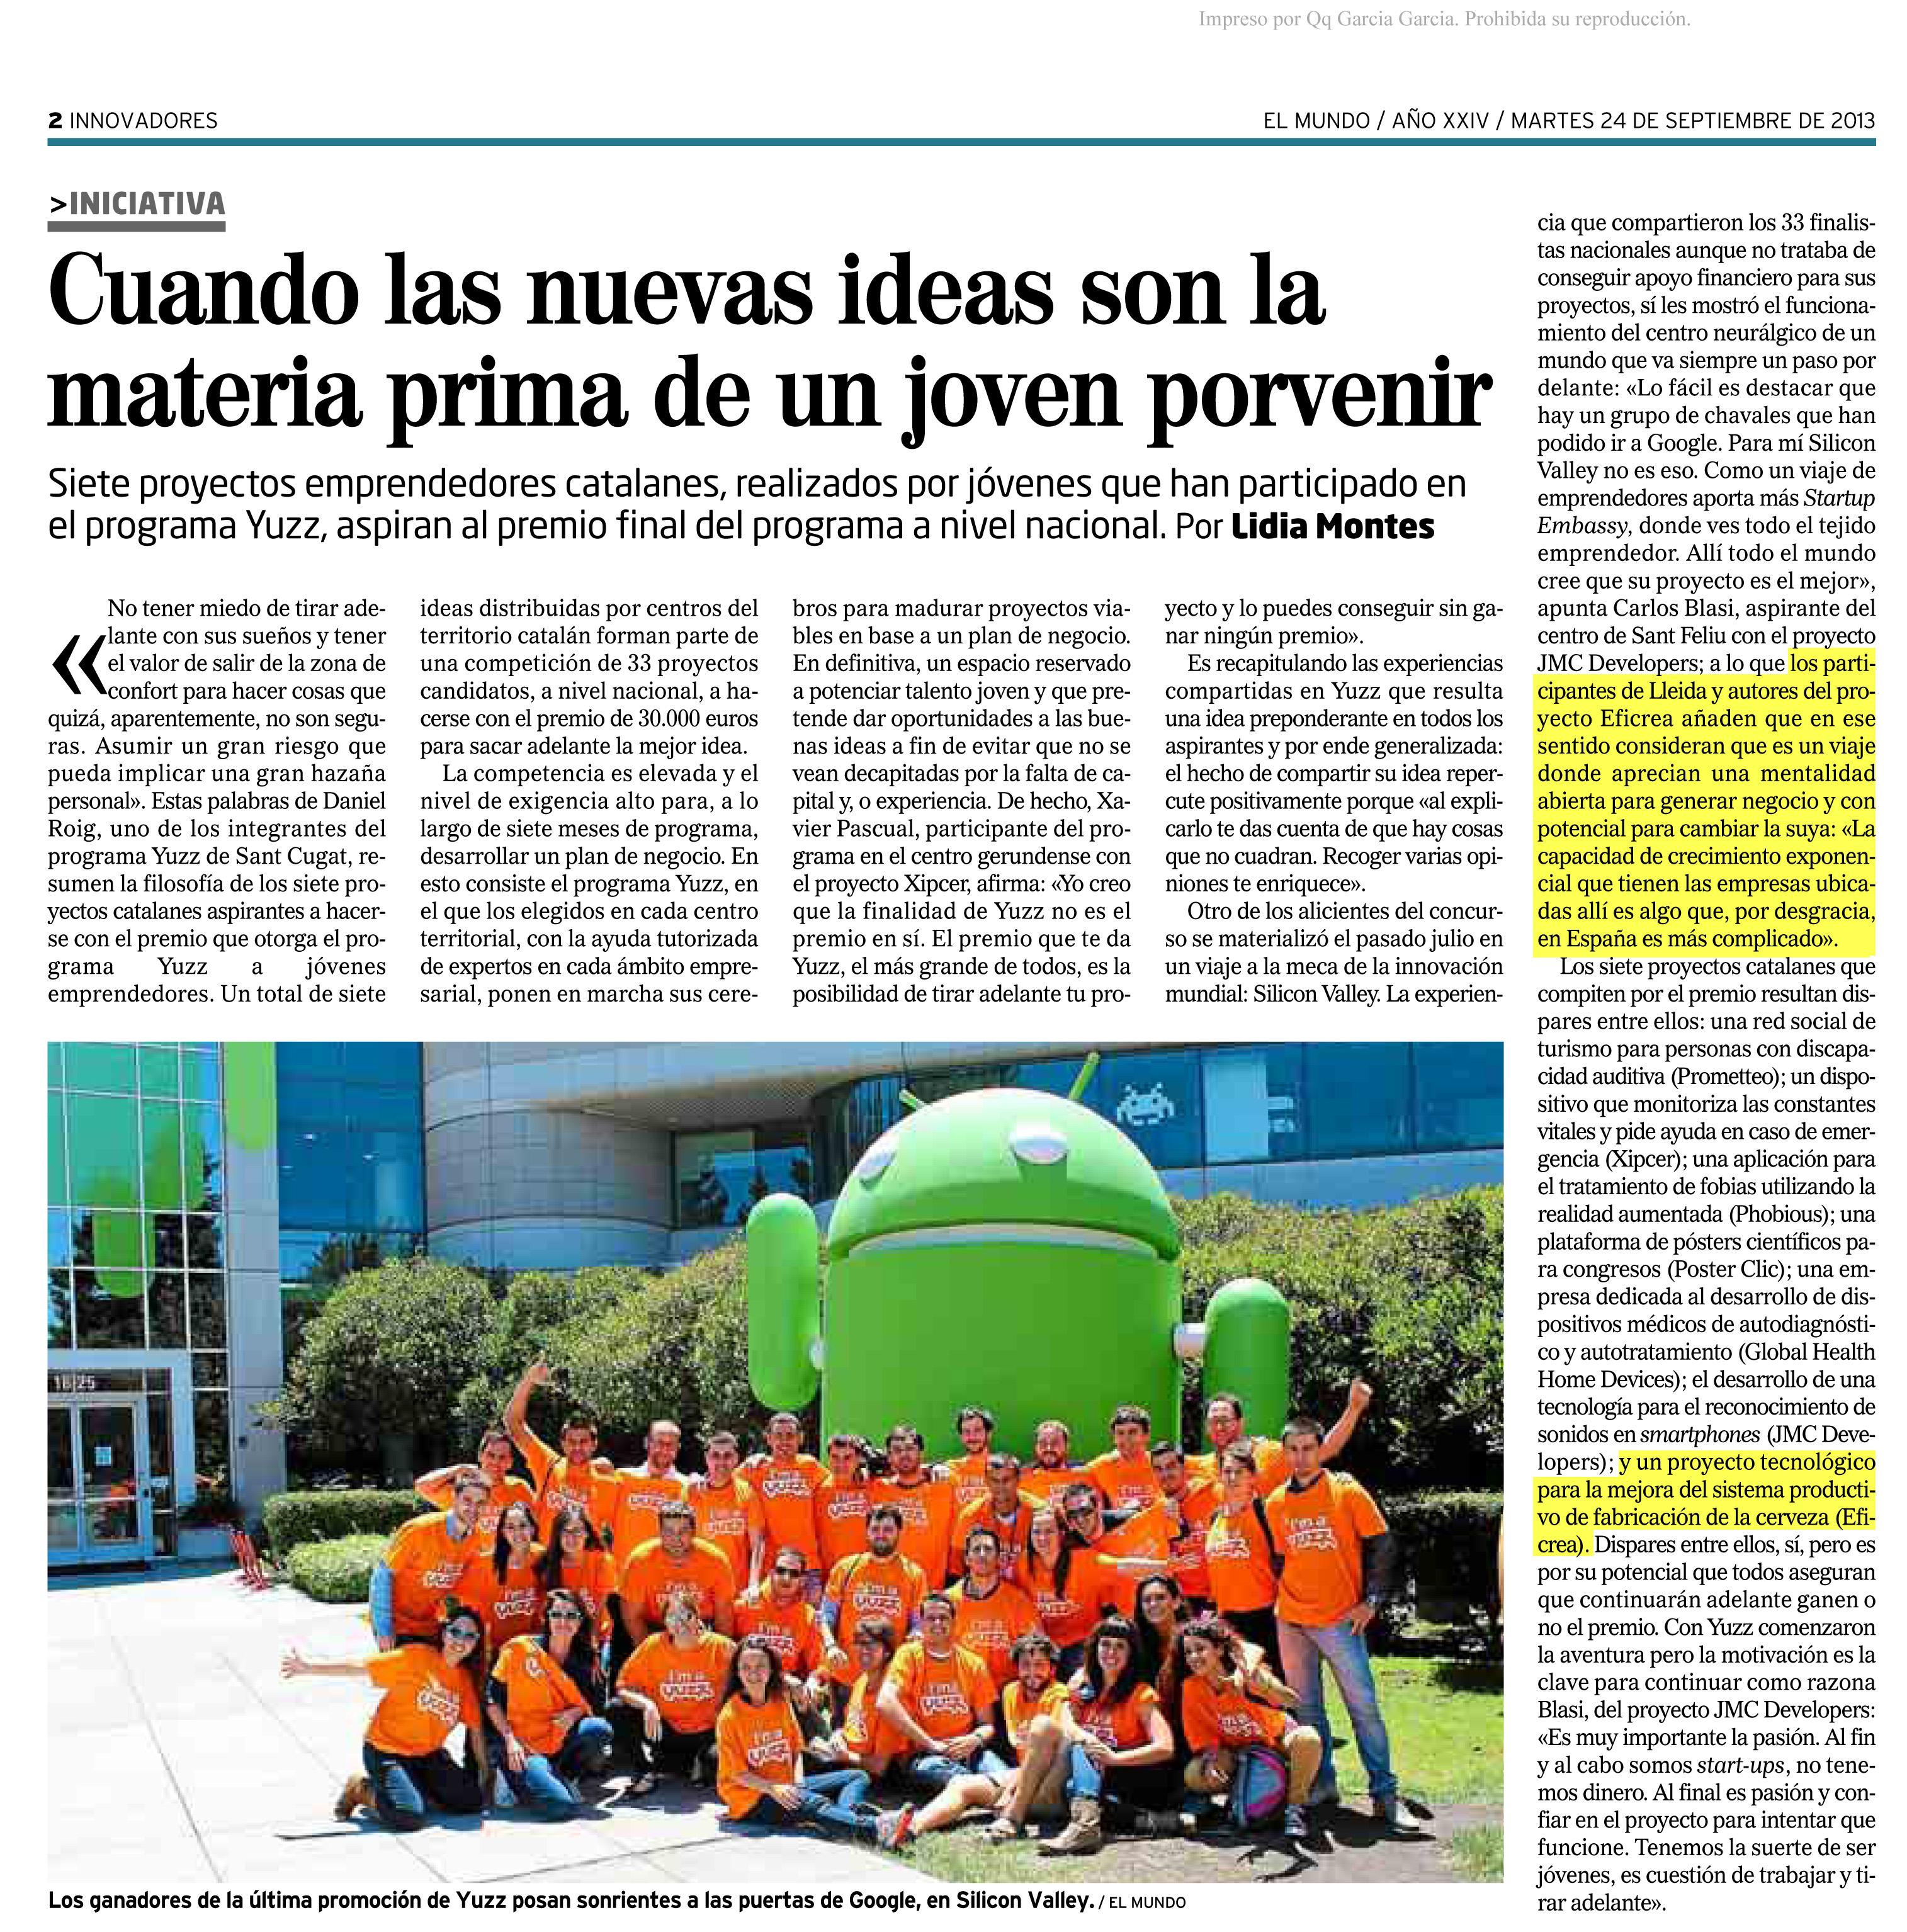 24092013 ElMundo_innovadores